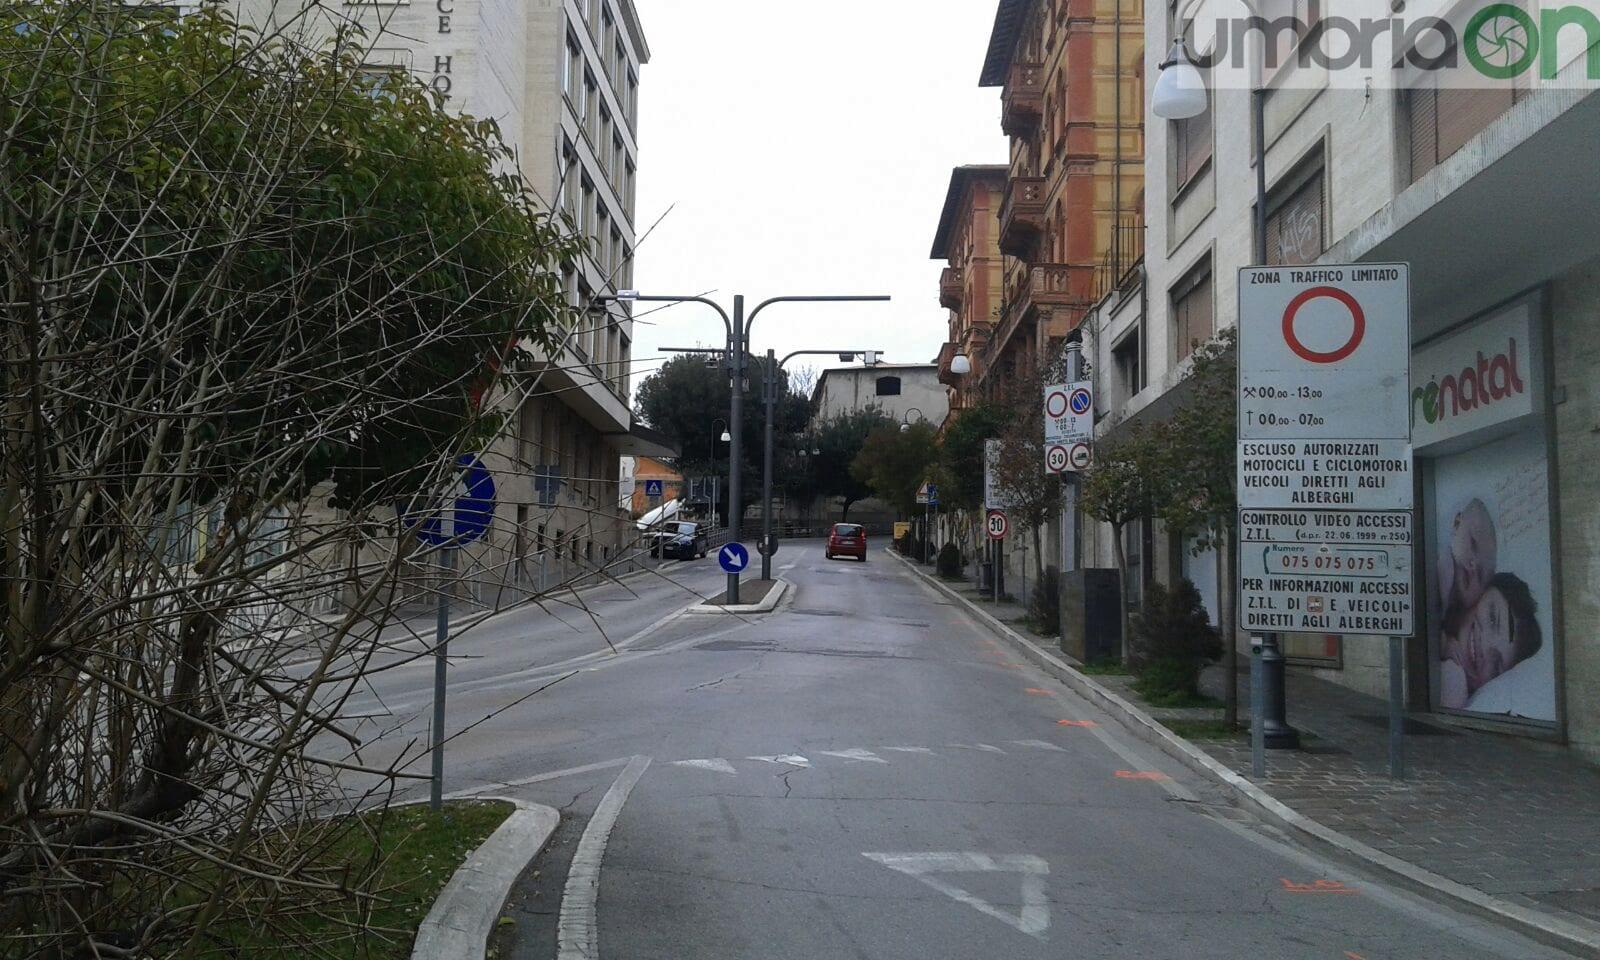 Ufficio Ztl Perugia : Permessi ztl scaduti centinaia di multe in città corriere dell